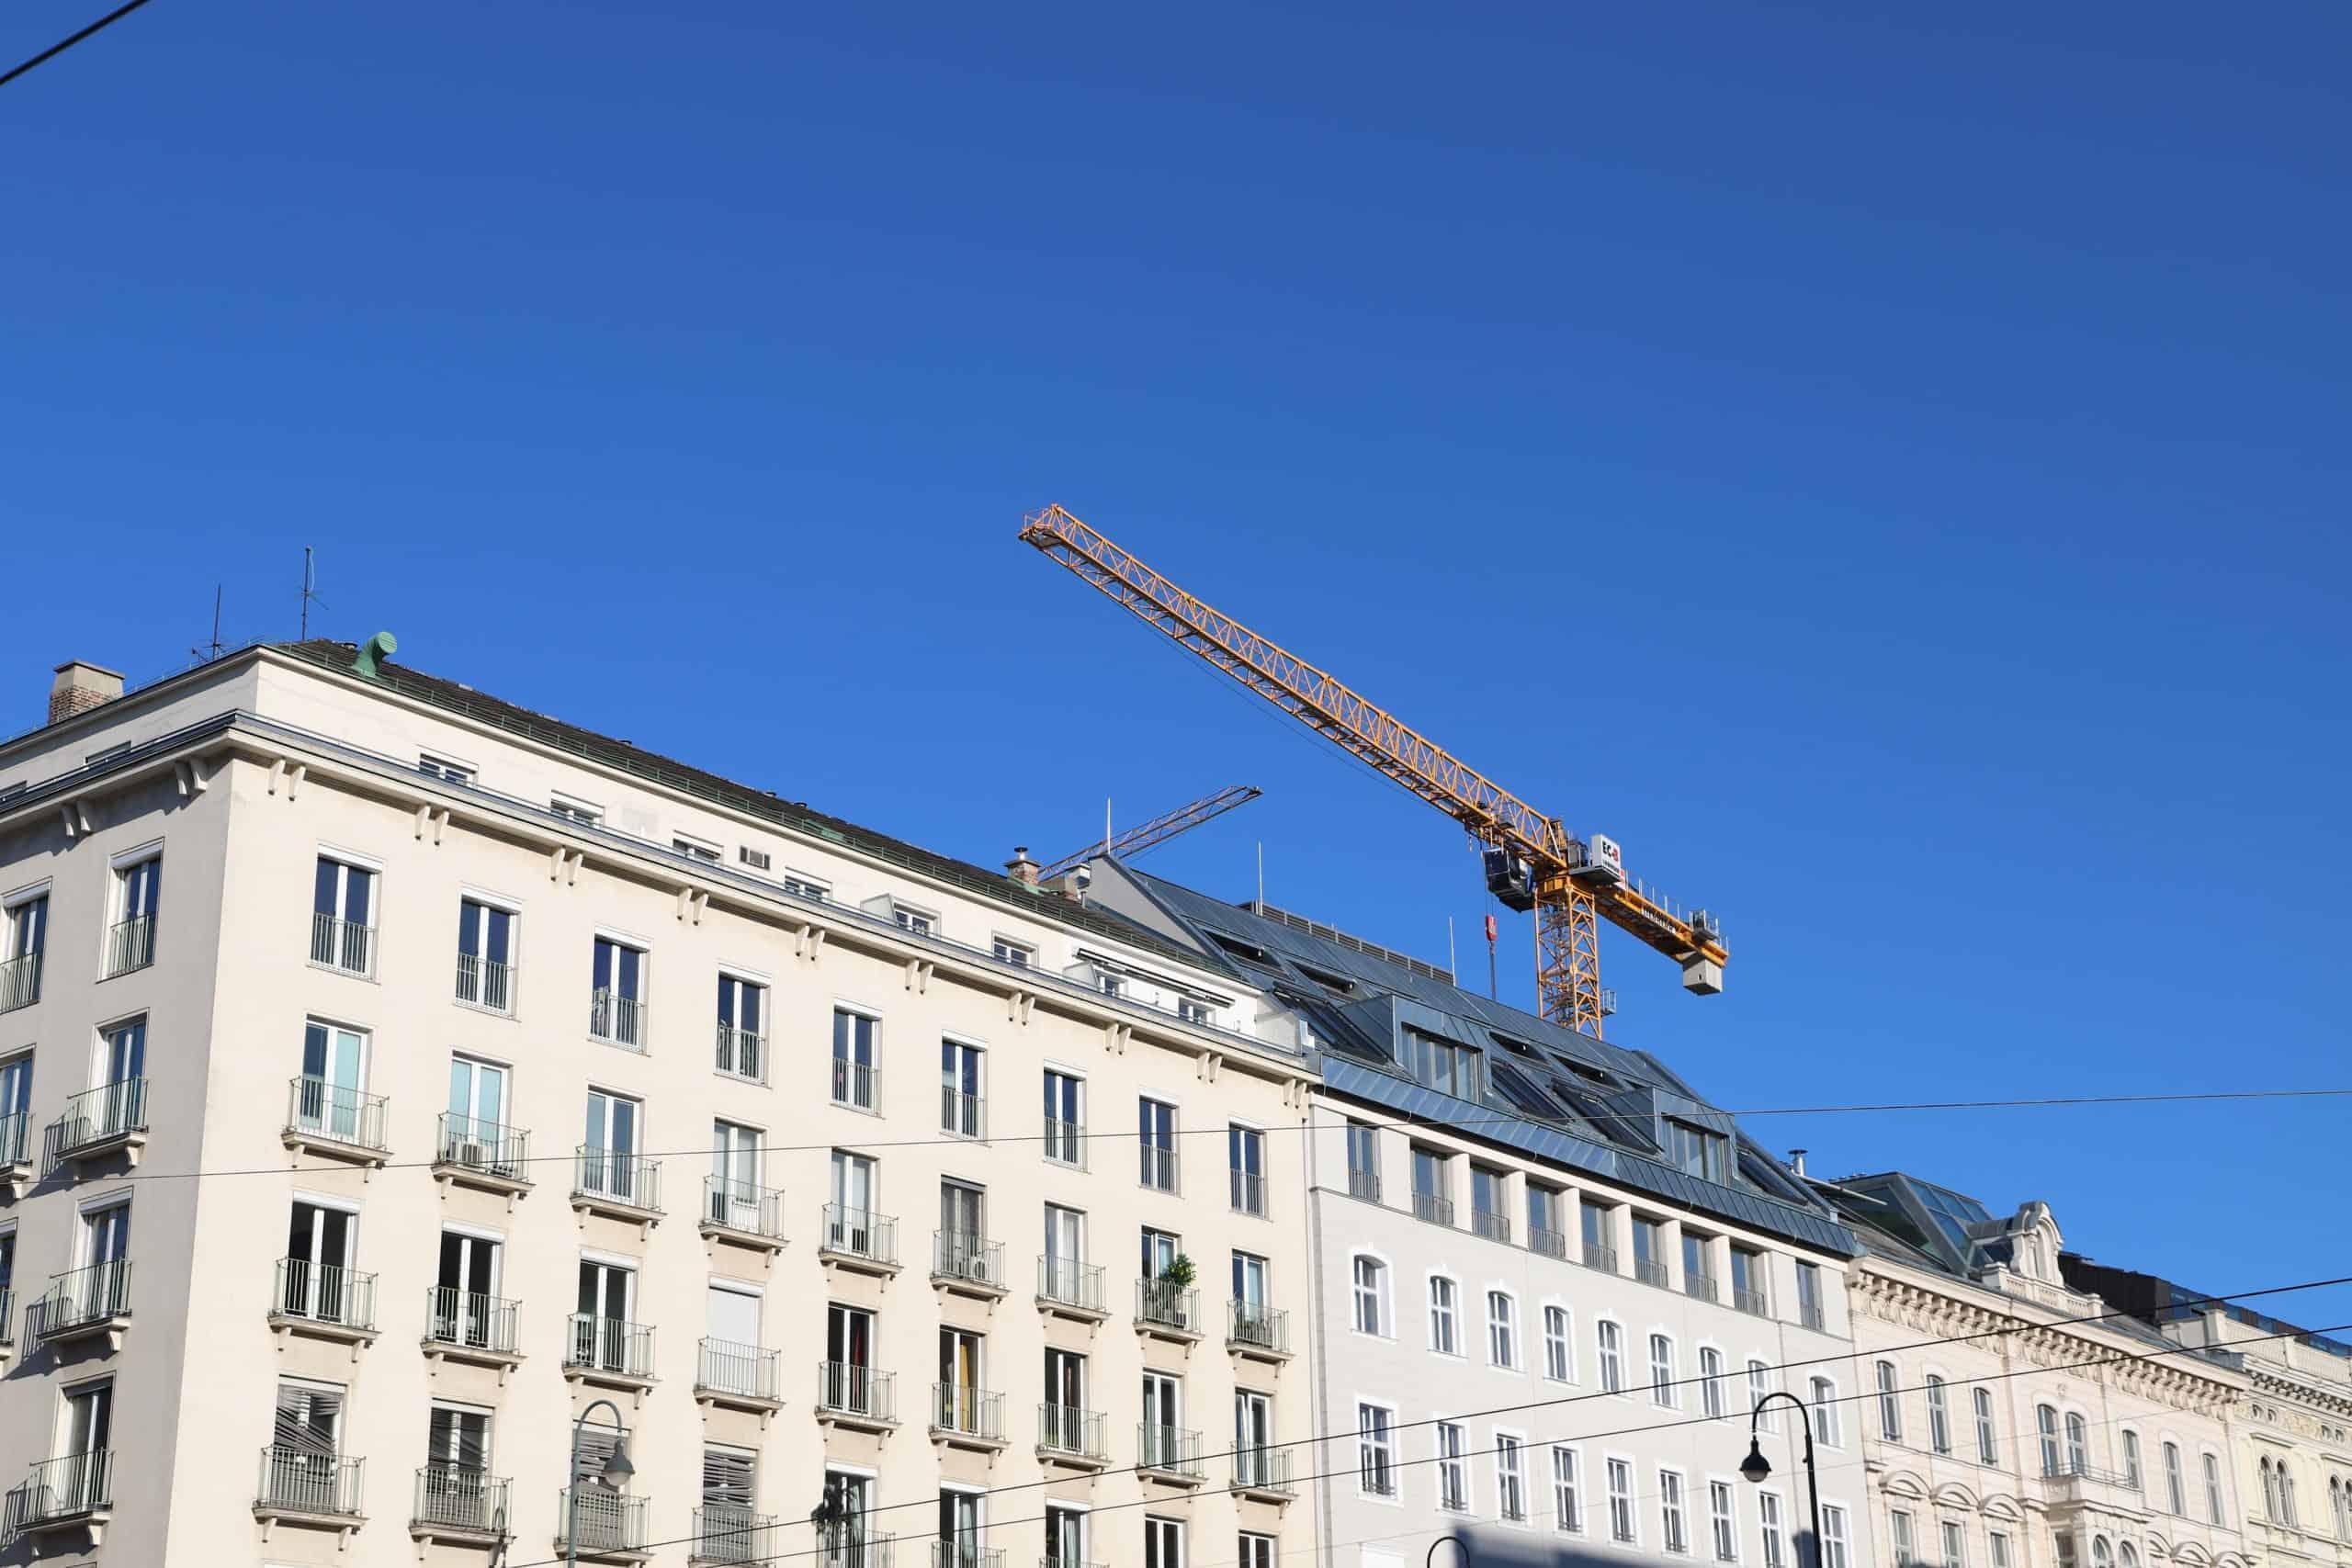 größte wohnungsbauunternehmen deutschland